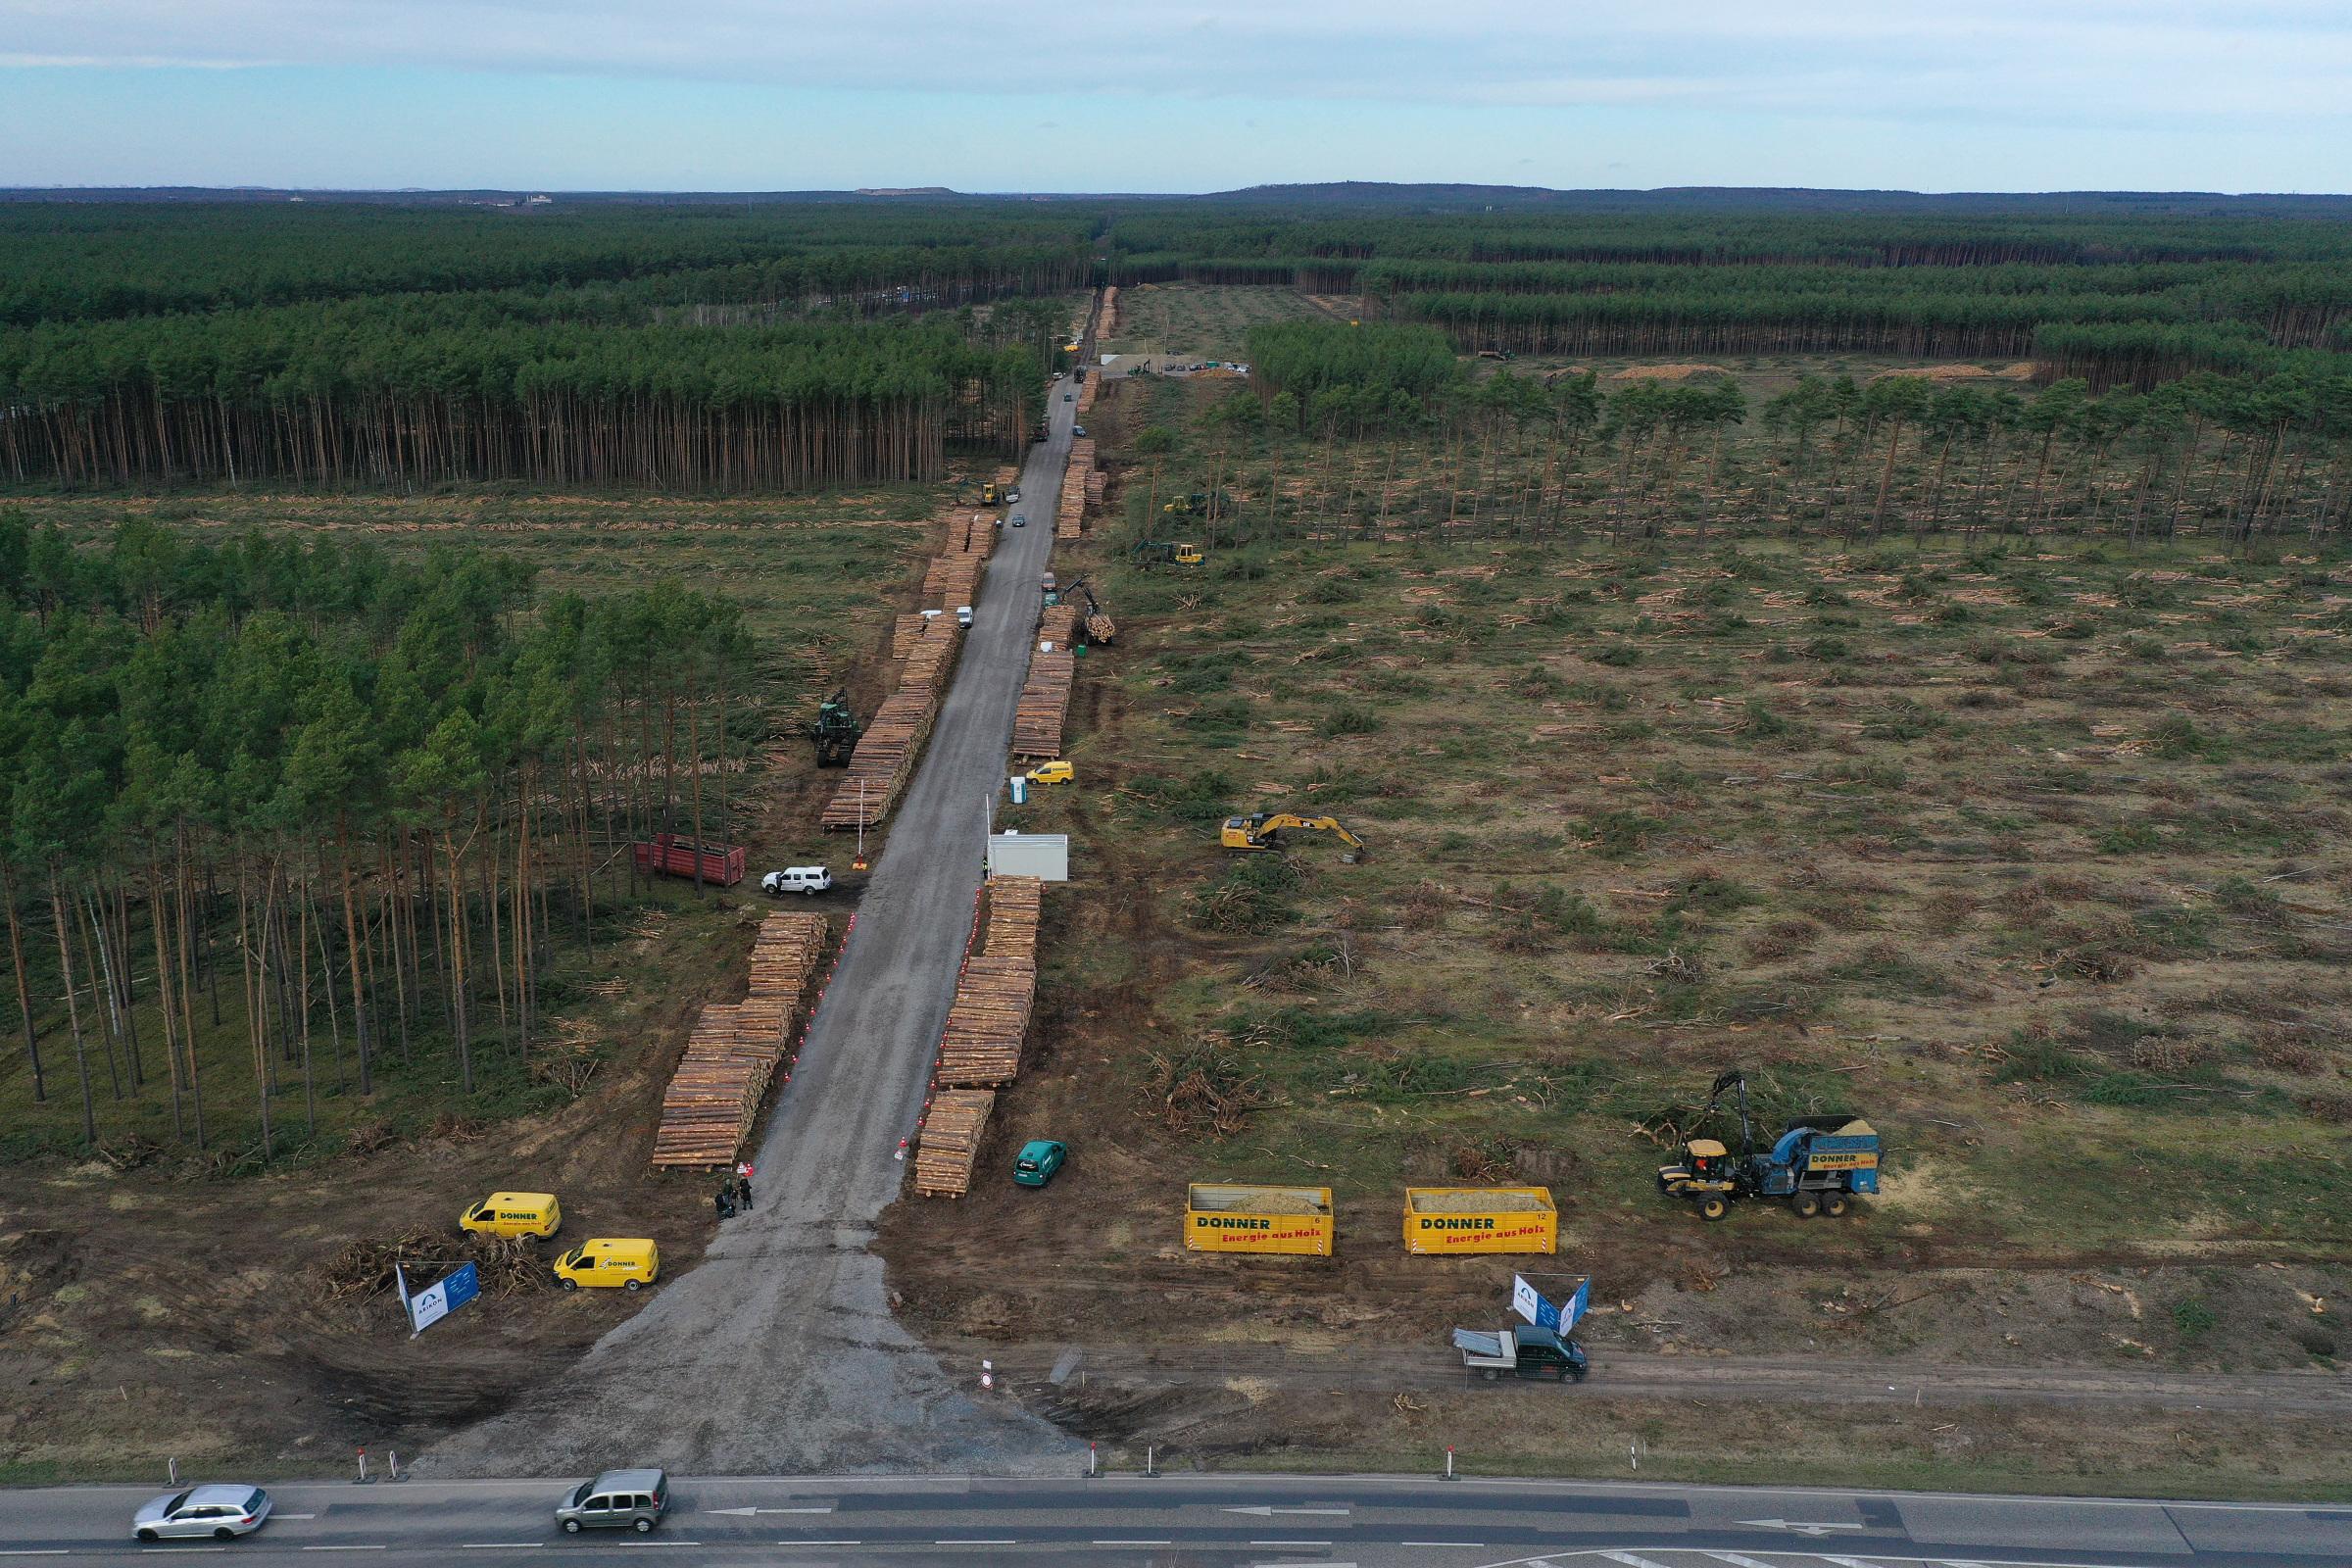 Budowa fabryki Tesli w Niemczech z problemami. Las może opóźnić inwestycję